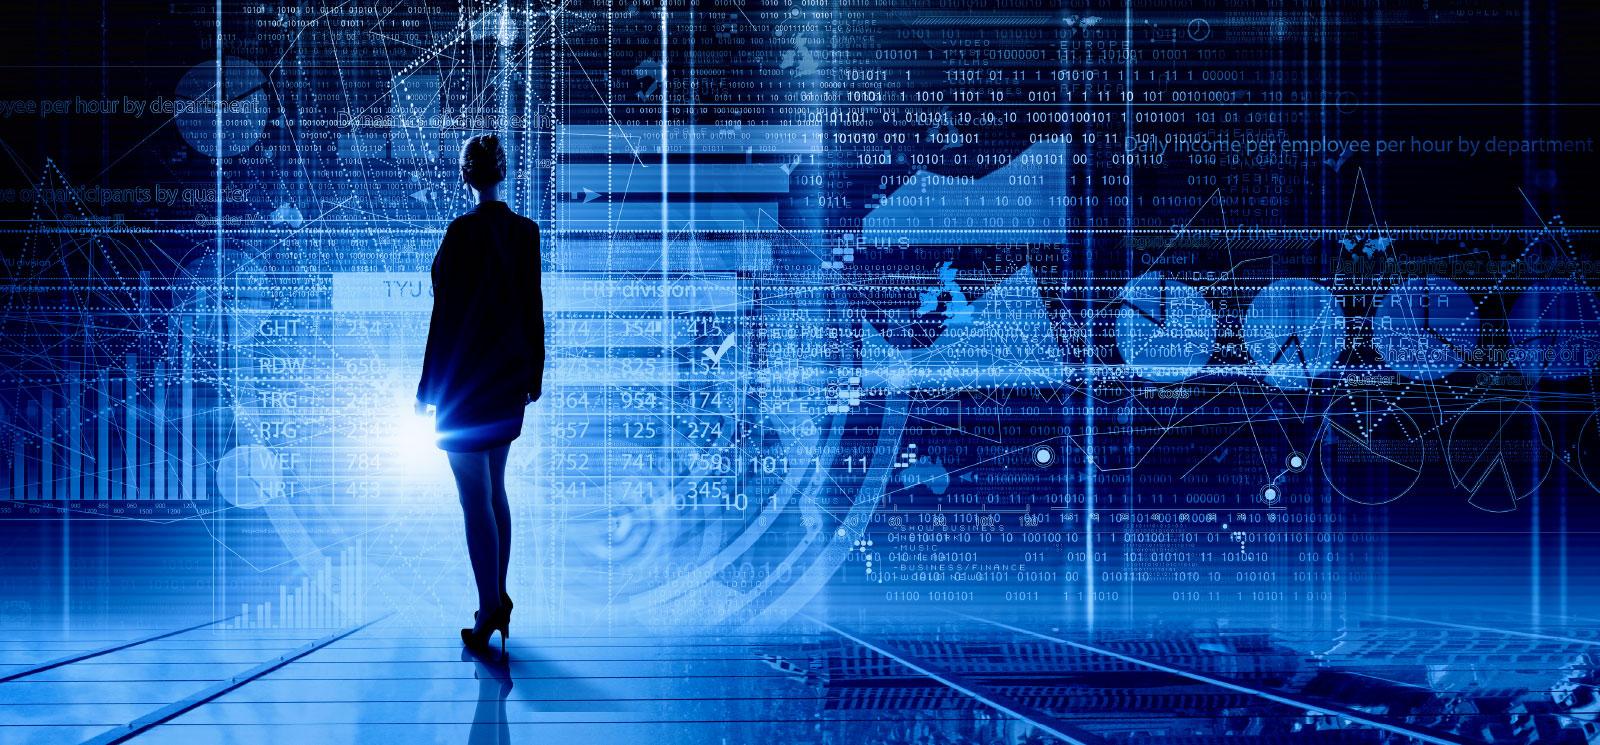 Agenzia di marketing web marketing digital marketing in provincia di Treviso in Veneto - consulenti marketing